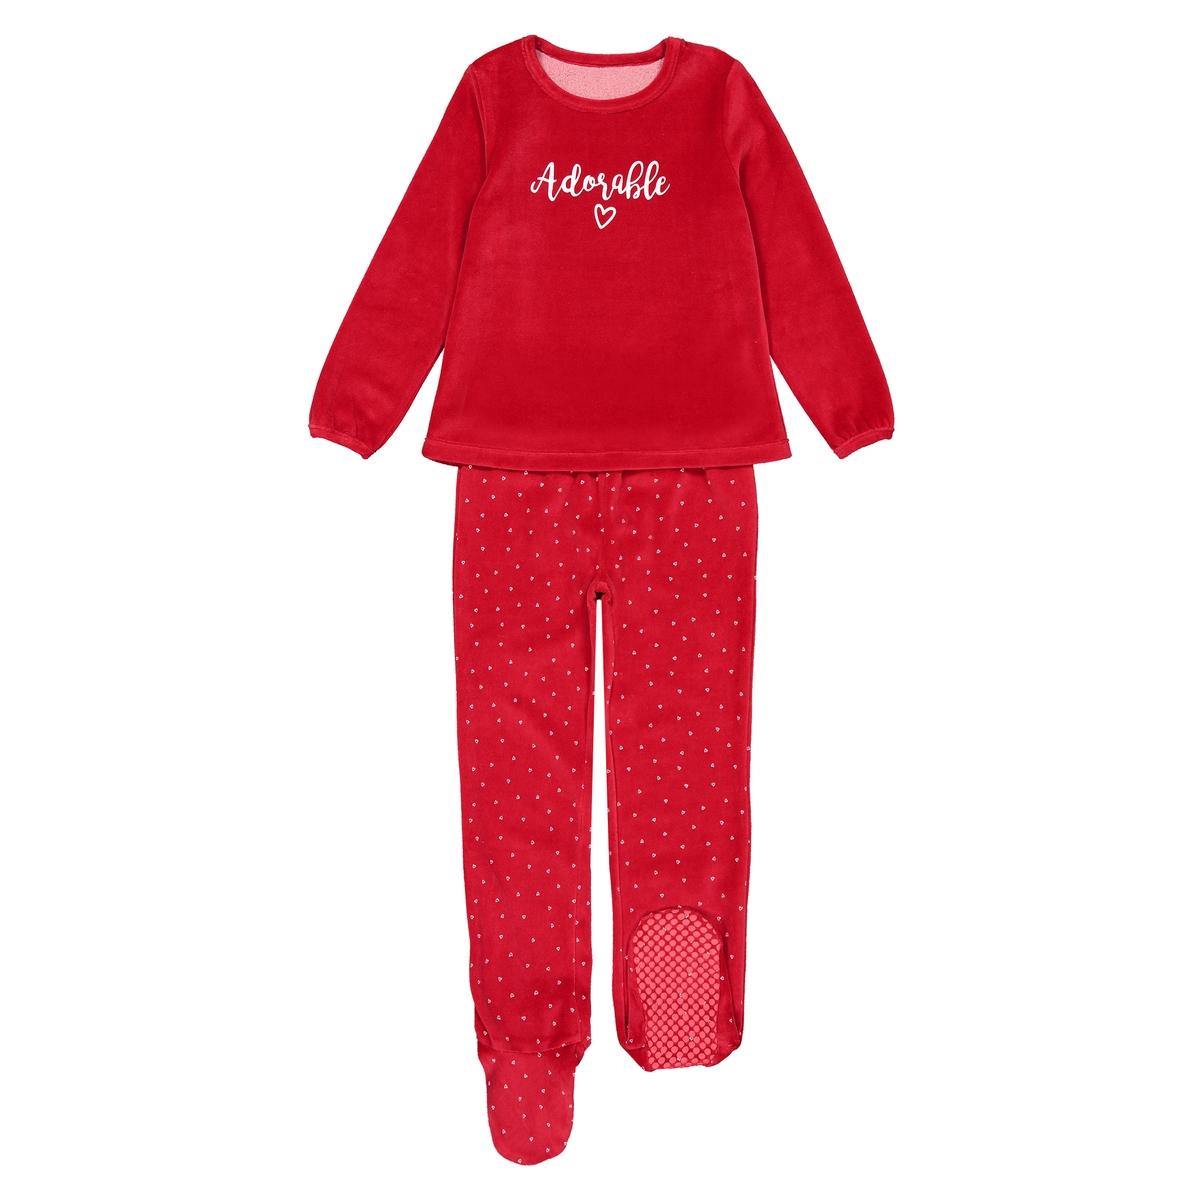 Пижама La Redoute Из велюра 12 лет -150 см красный пижама la redoute с надпись из велюра 12 лет 150 см розовый